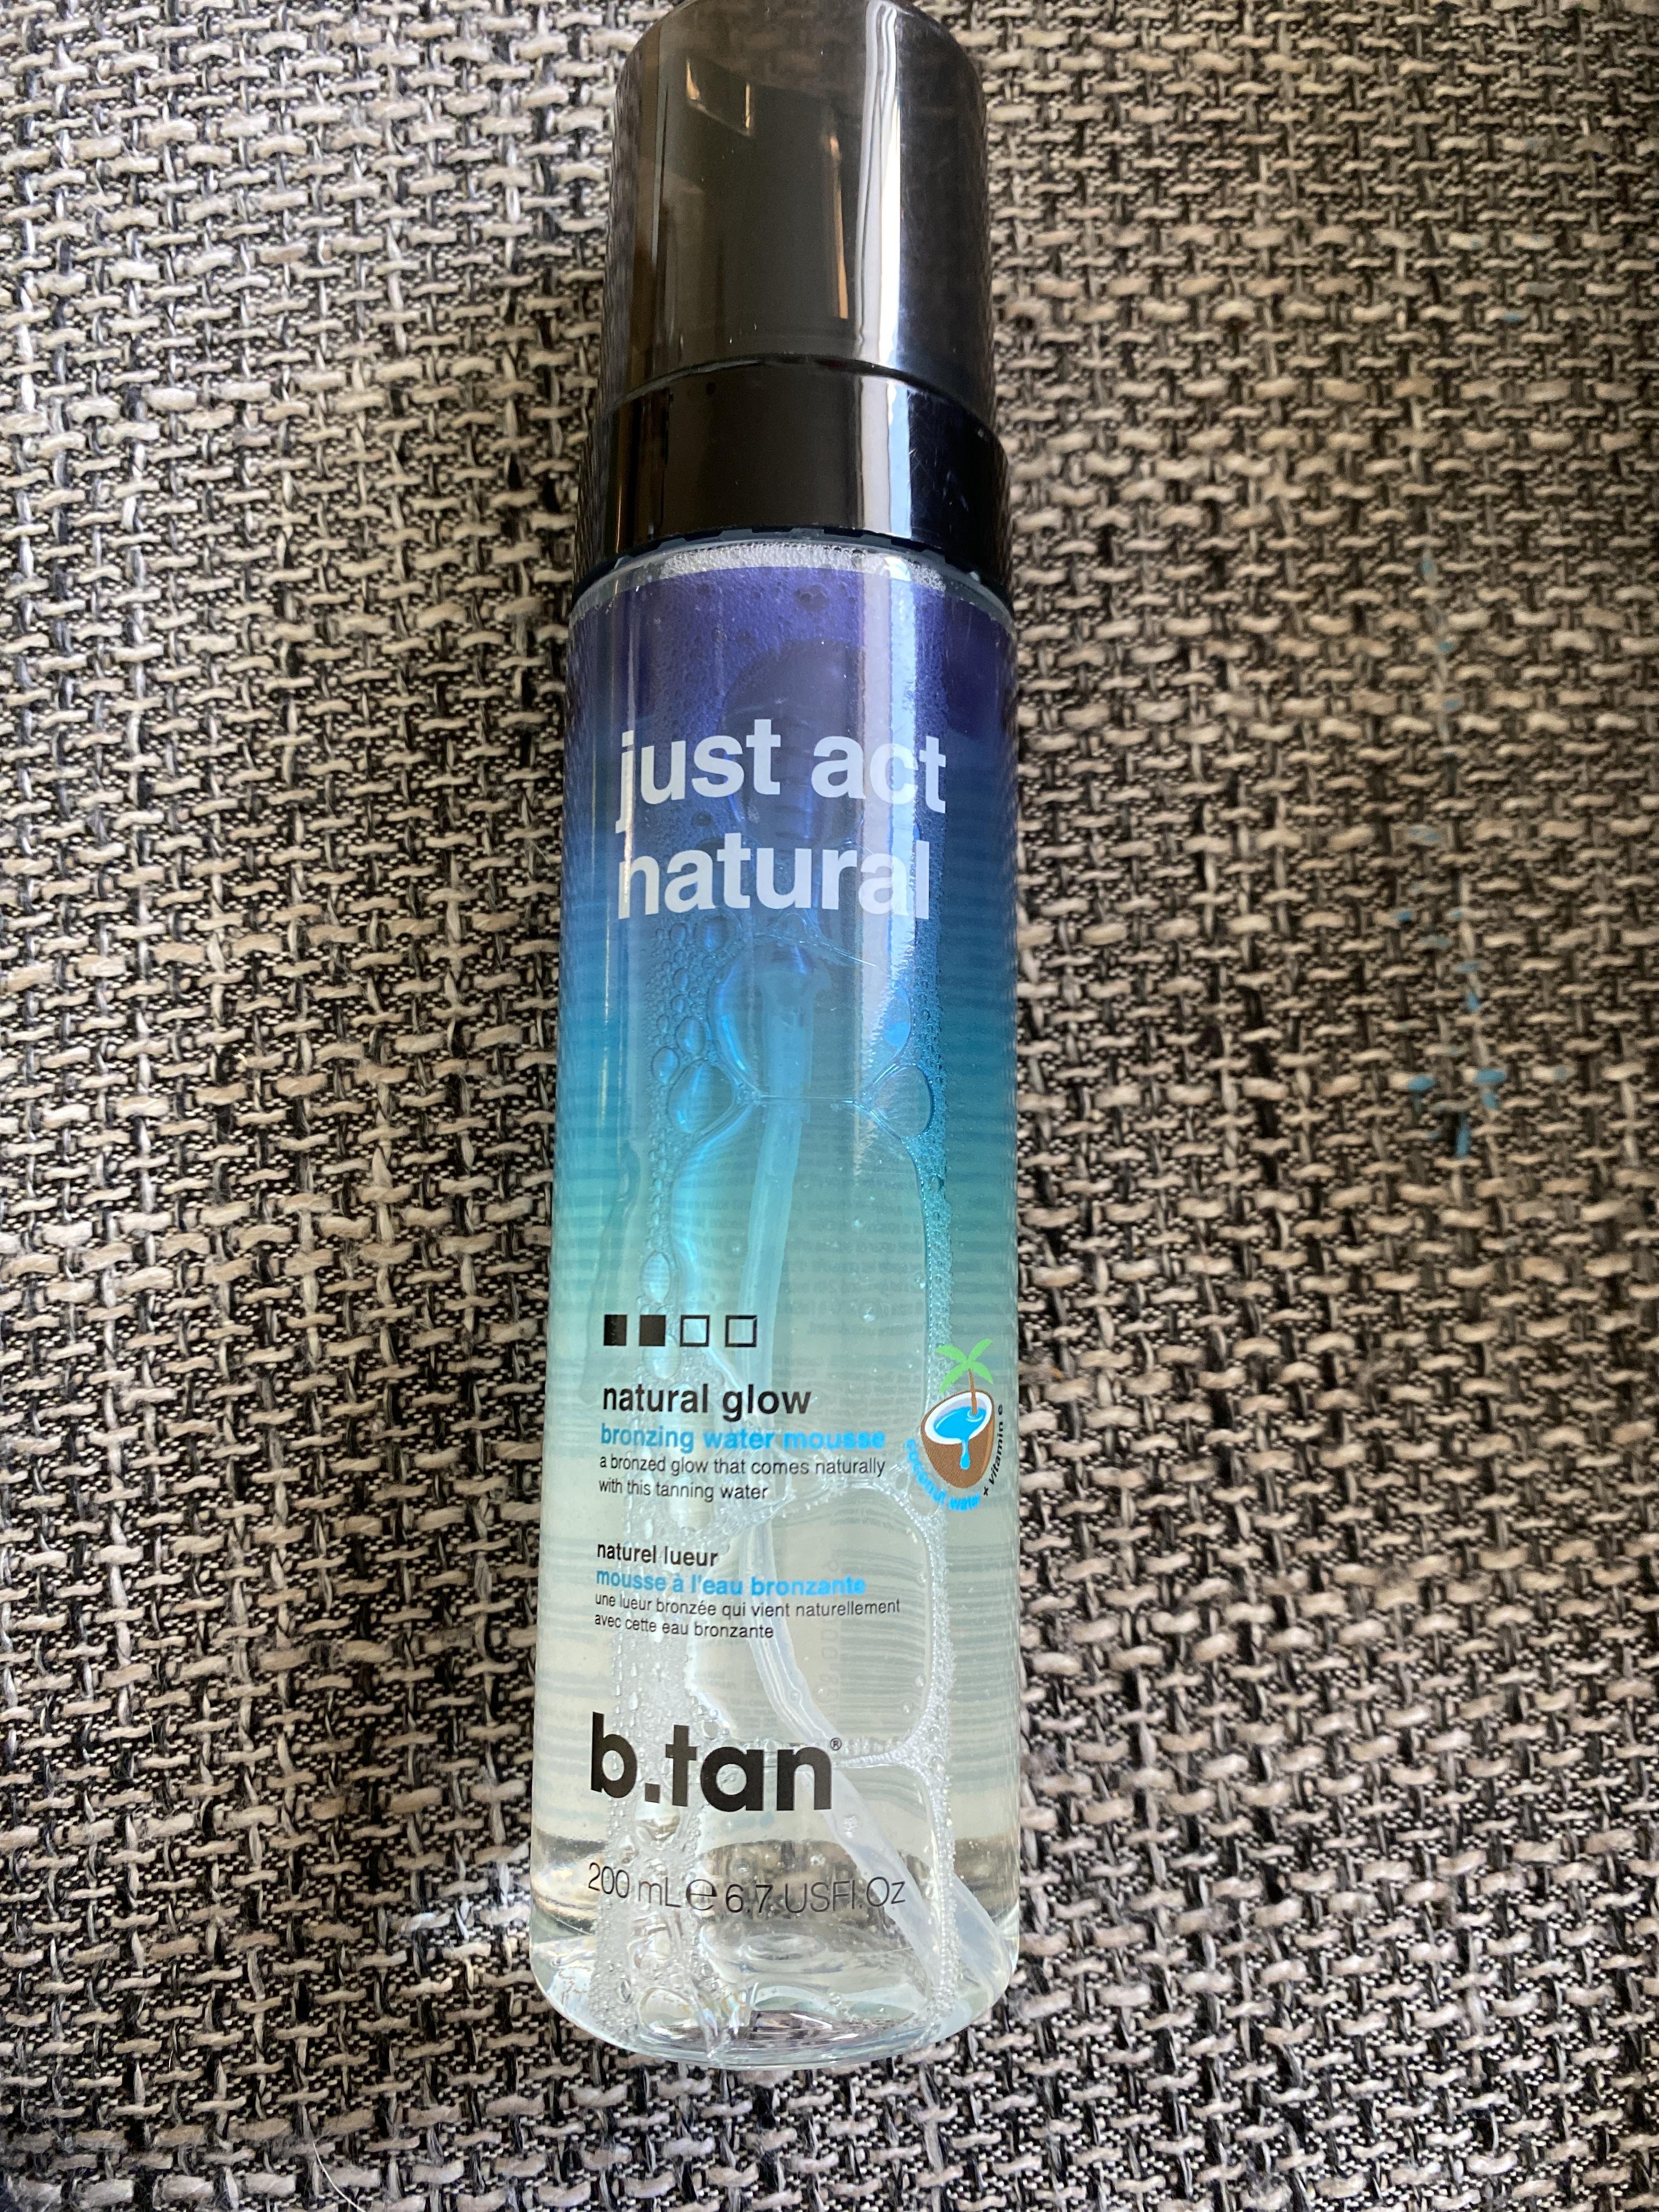 b.tan Just act natural